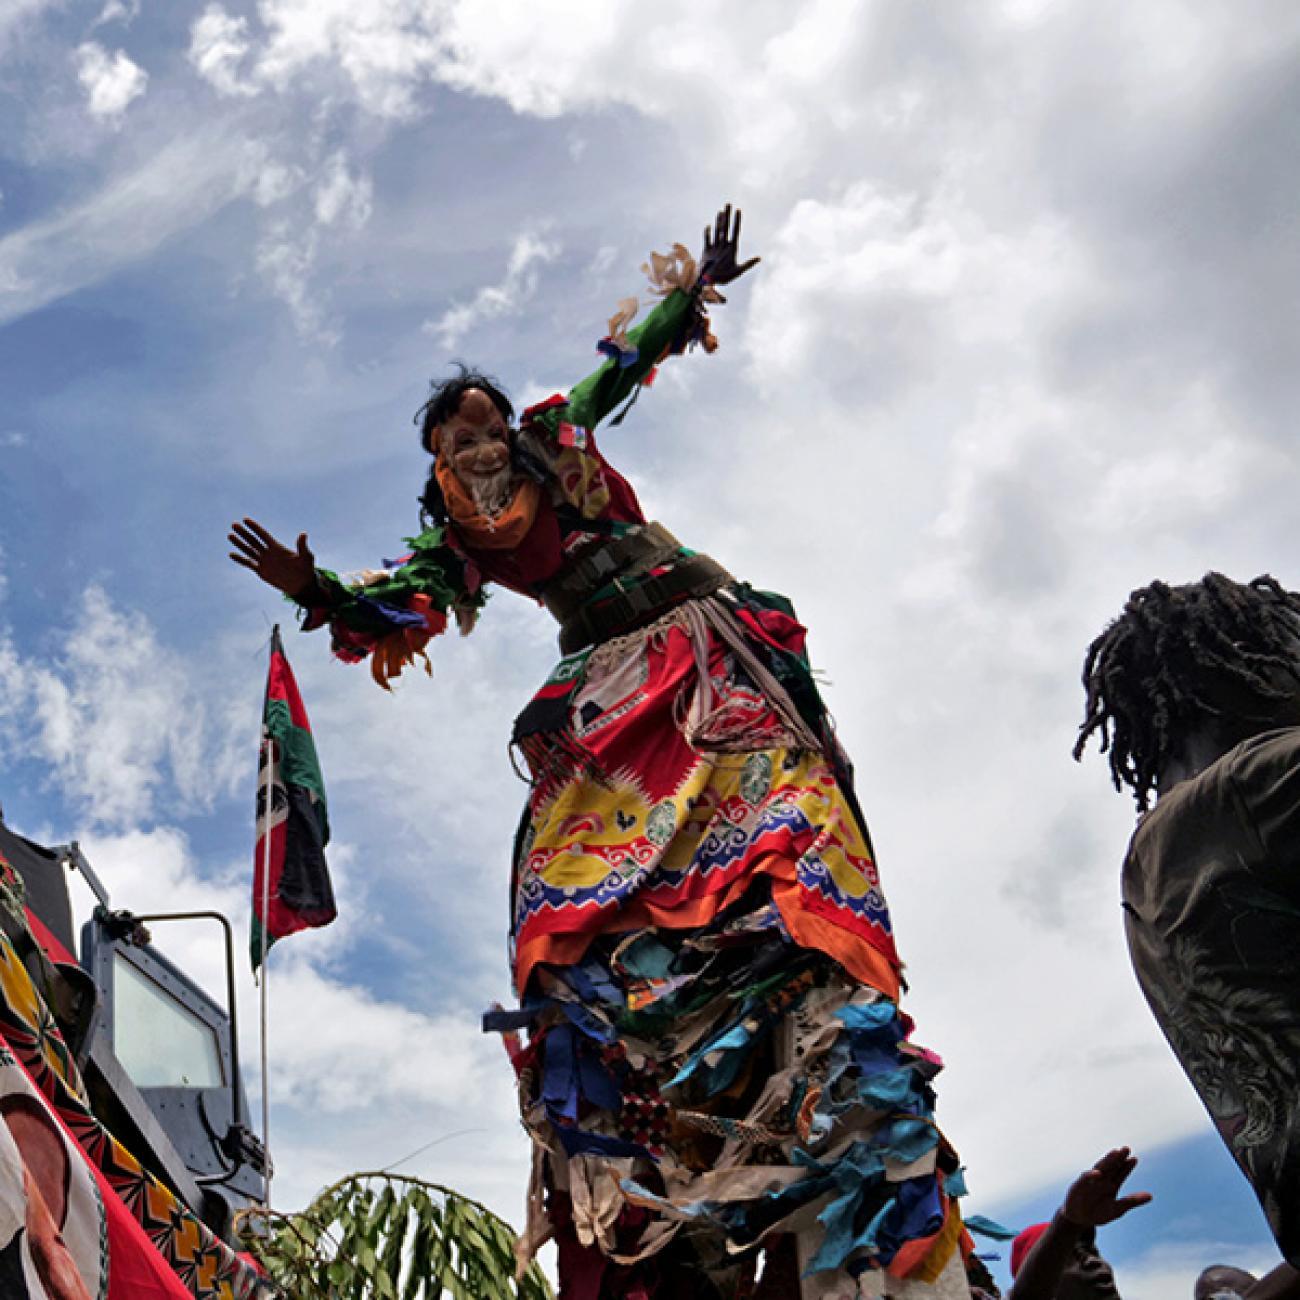 https://www.thinkglobalhealth.org/sites/default/files/styles/max_1300x1300_1_1/public/2020-06/Daniel.Bickton-CoV-Malawi-6.12.20-RTS30SFU-SQUARE.jpg?itok=n49y9GVQ